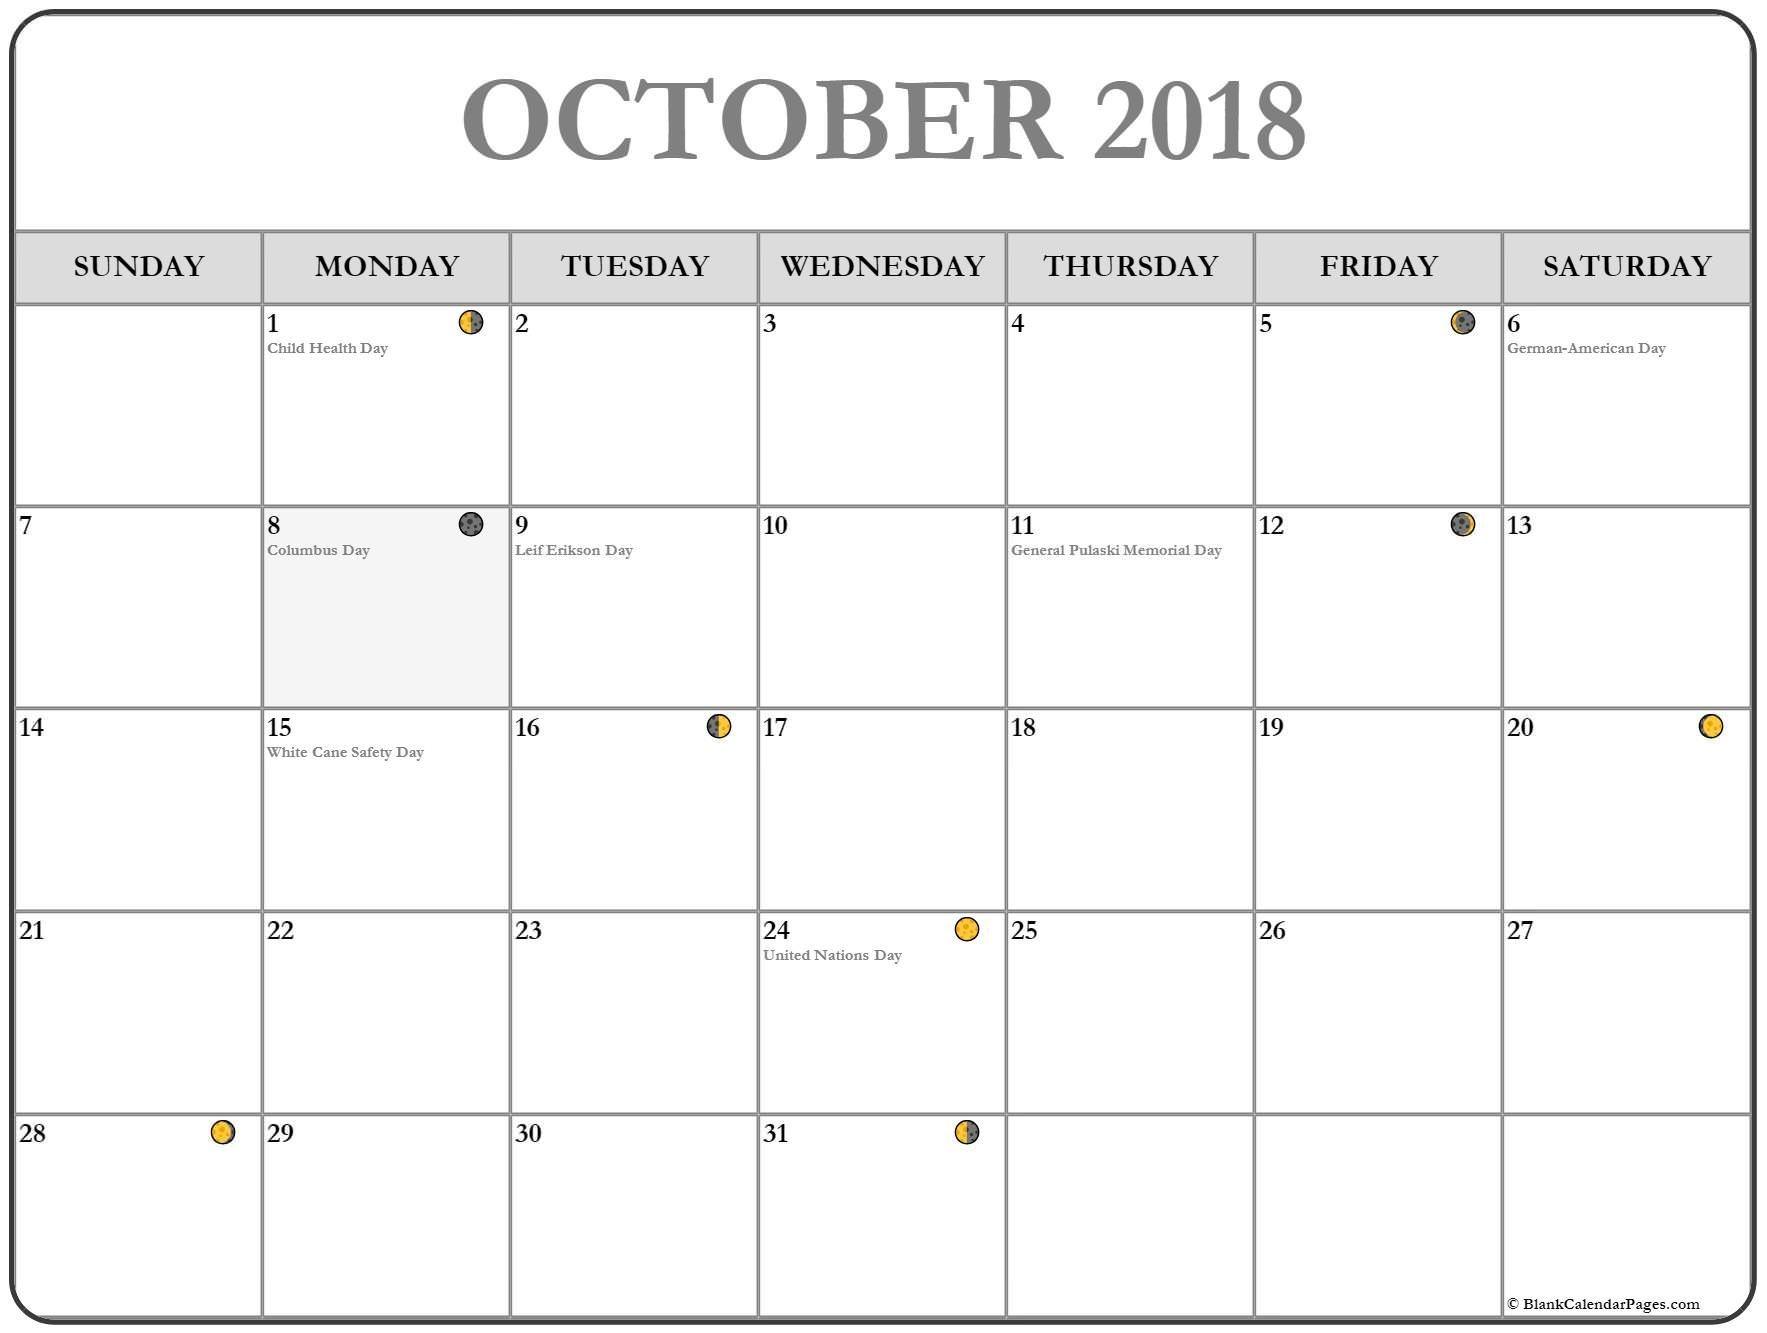 Calendario Noviembre 2017 Imprimir Gratis Más Recientes Calendar 2018 October Moon Phase October Calendar Printable Of Calendario Noviembre 2017 Imprimir Gratis Más Recientes Calendarios Del Mes Kordurorddiner